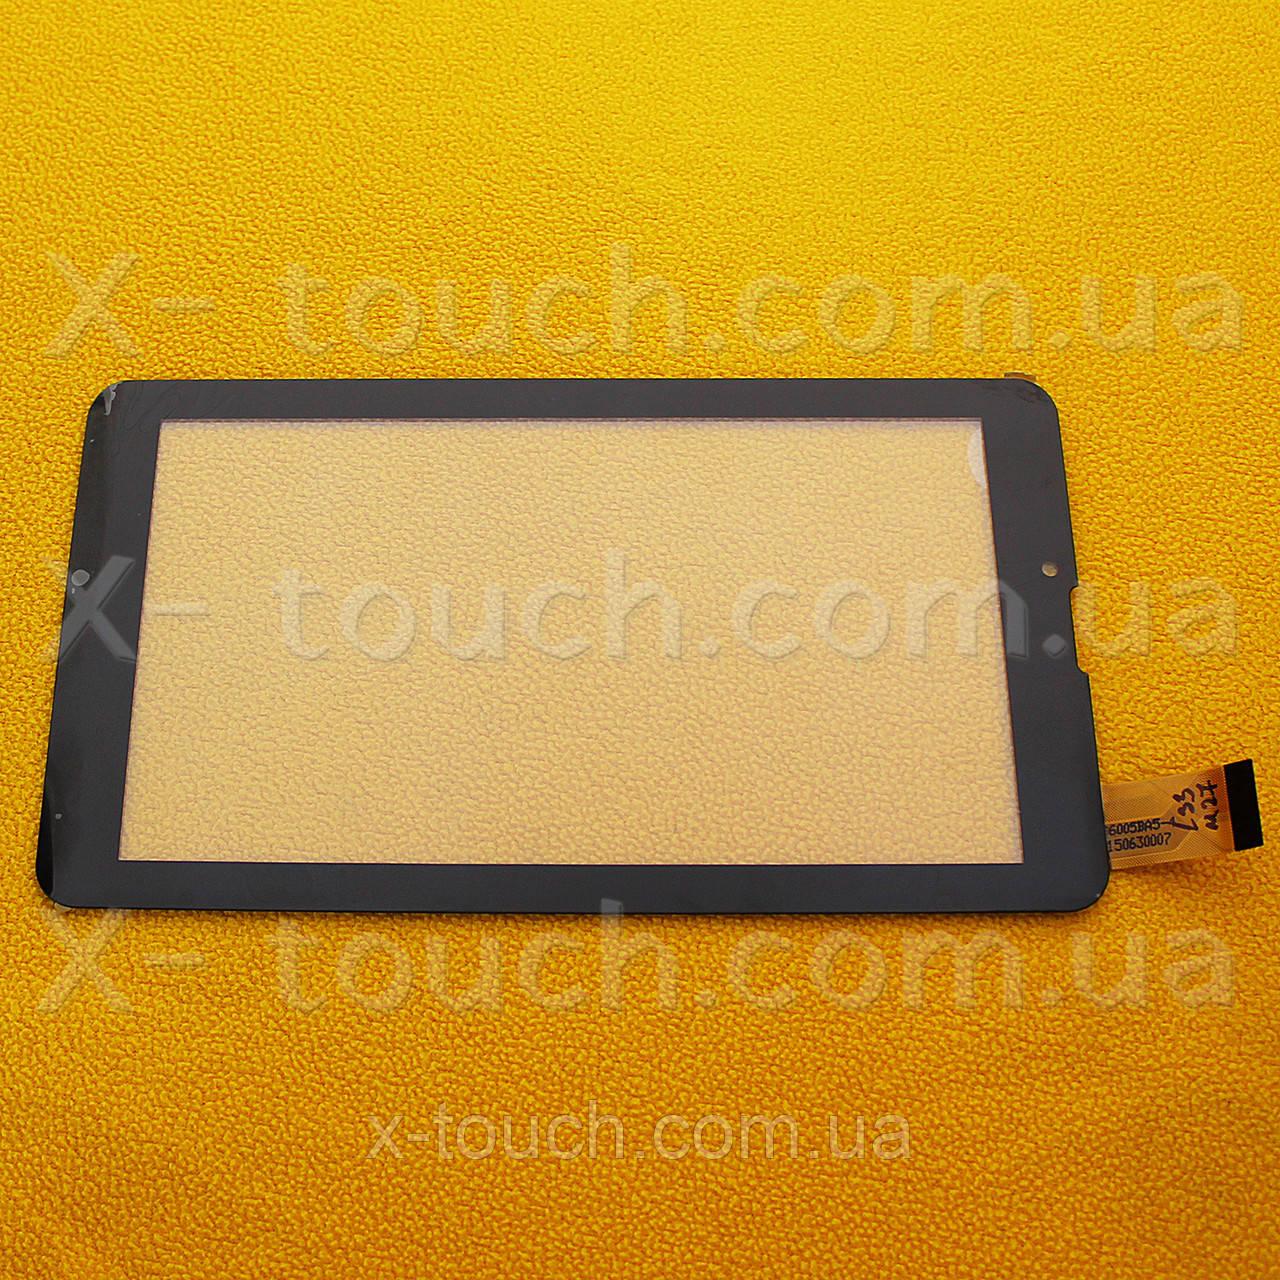 XF2014073 HK70DR242 cенсор, тачскрин 7,0 дюймов, цвет черный